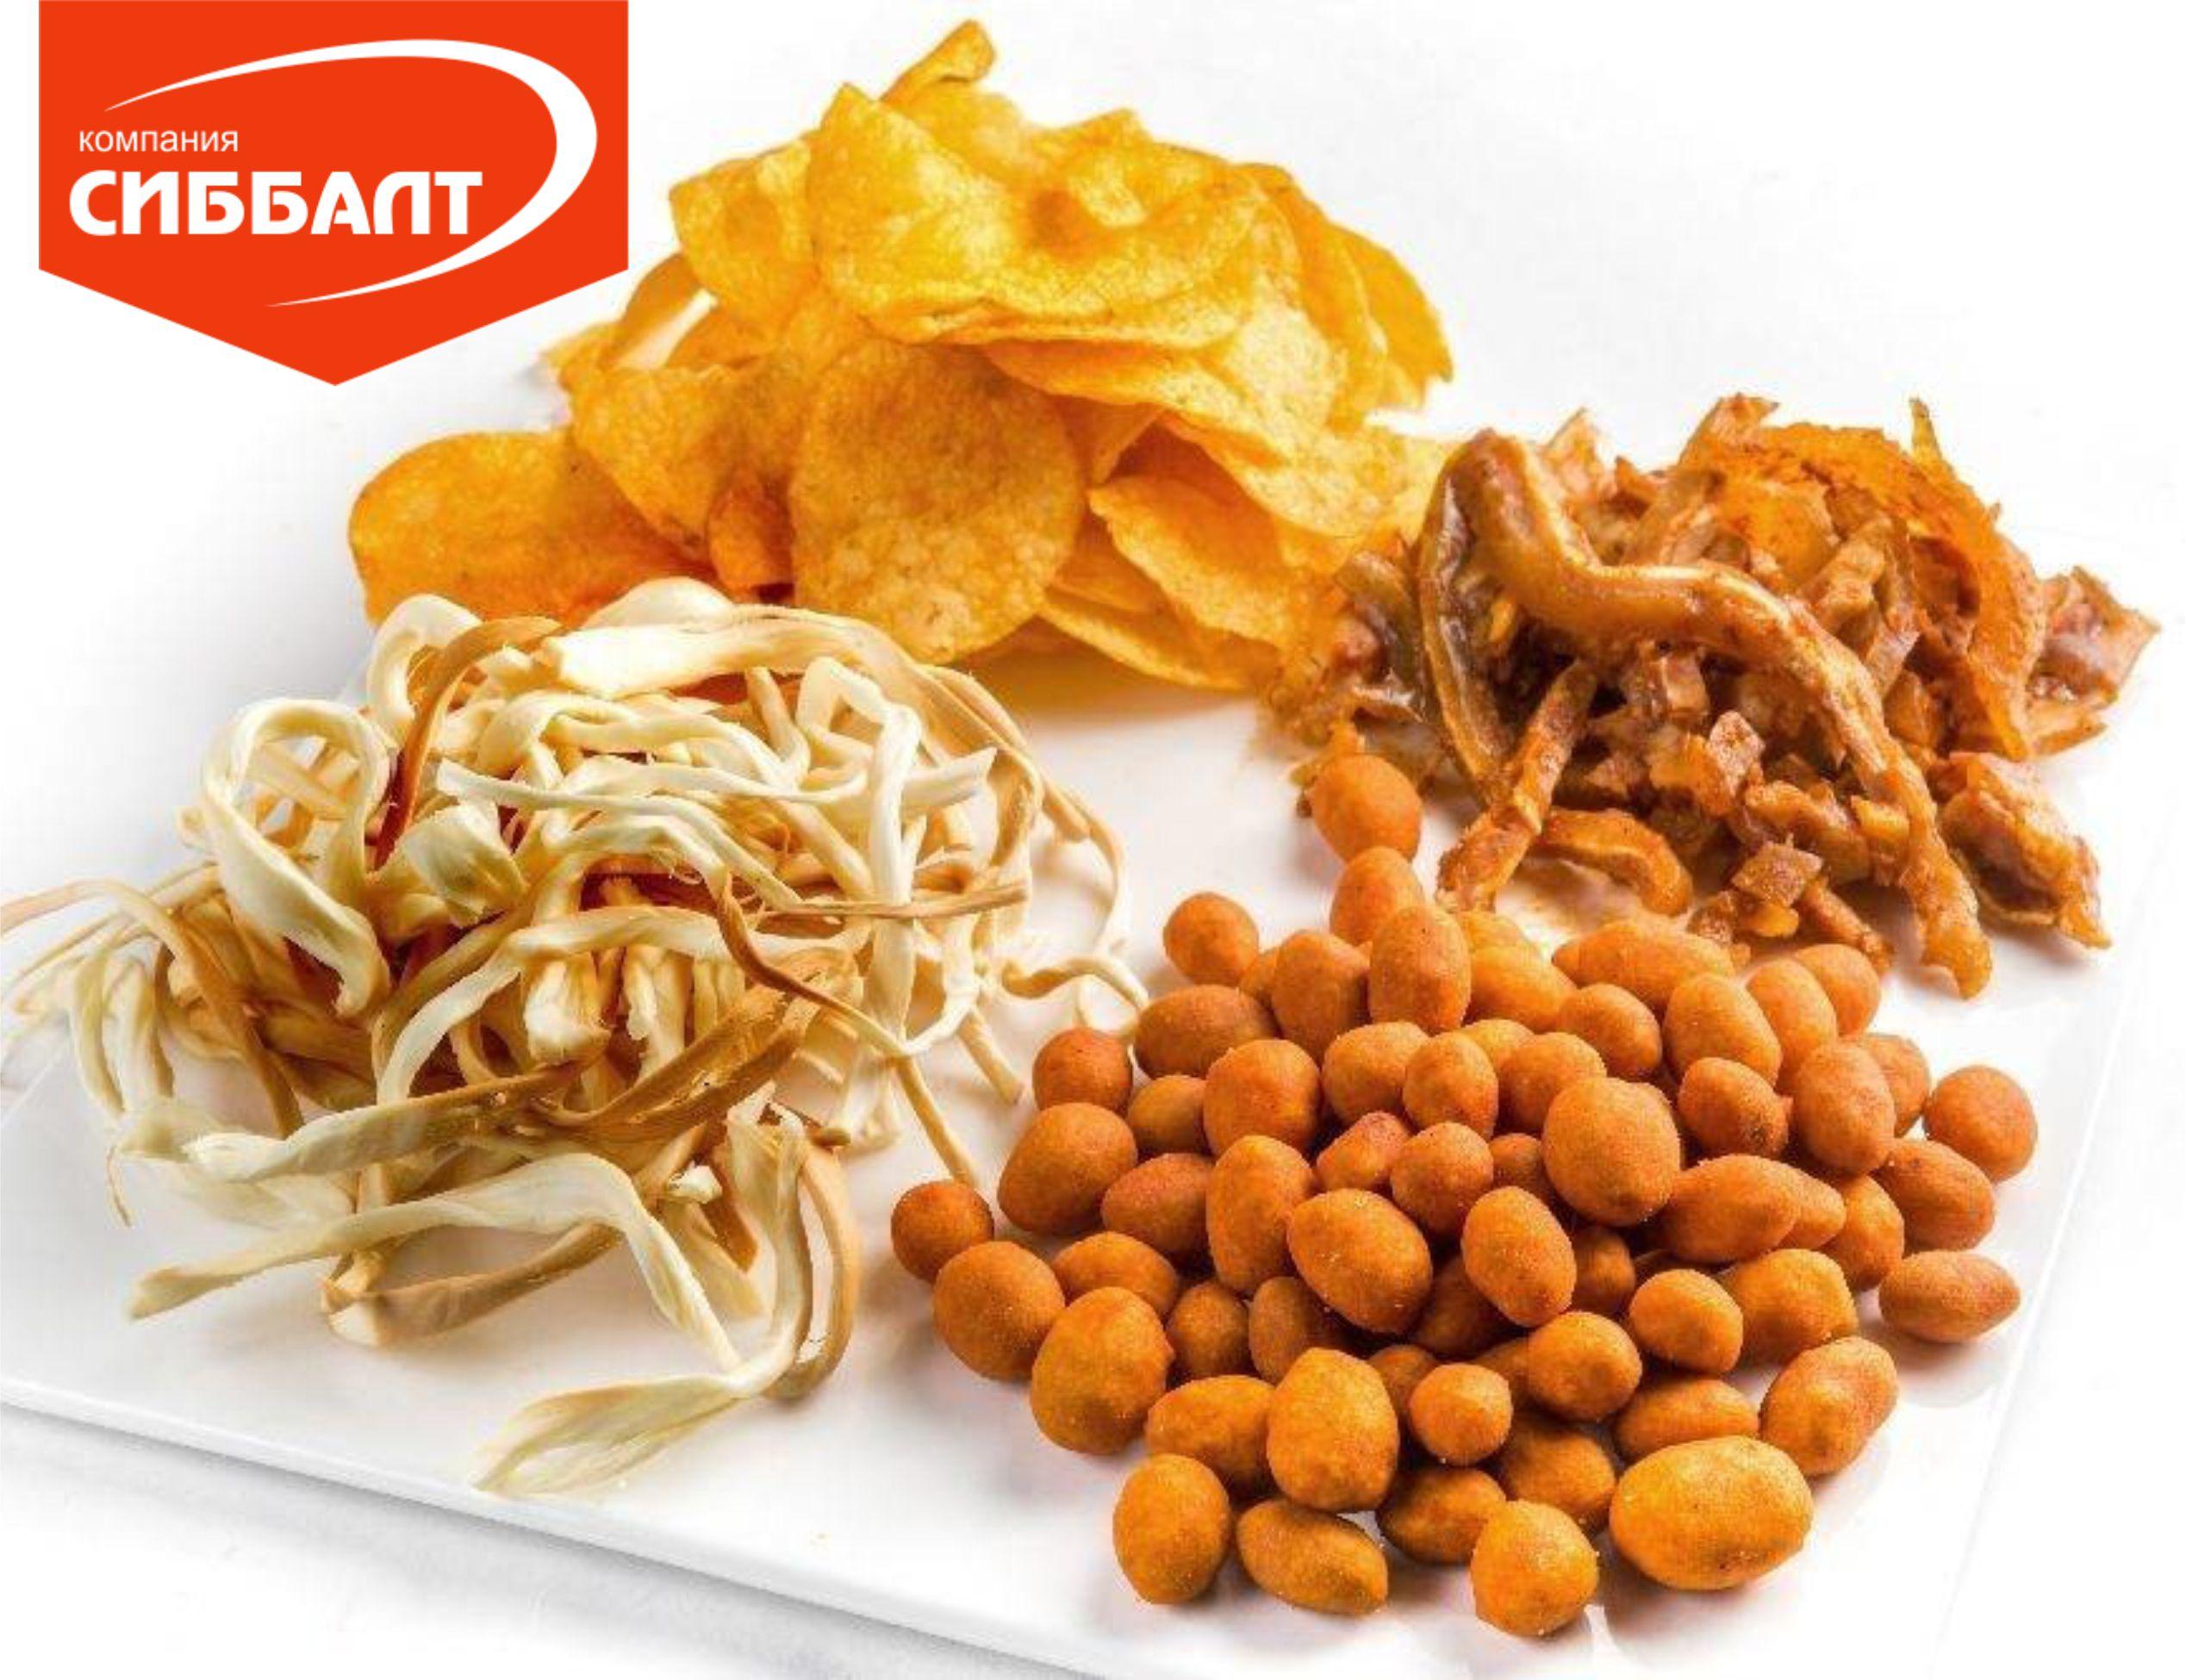 Картофельные чипсы от производителя